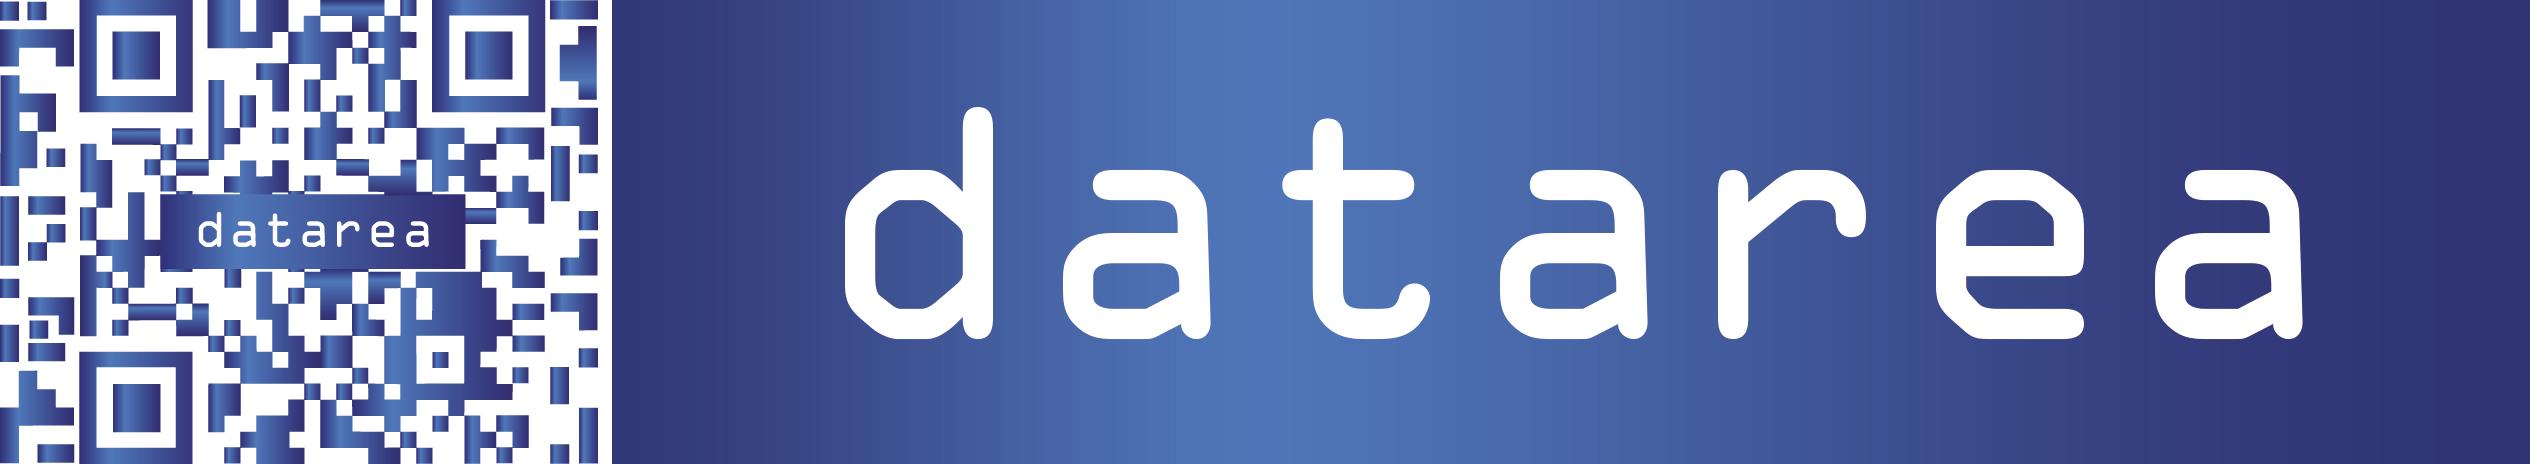 datarea - Alles rund ums Thema Datenschutz